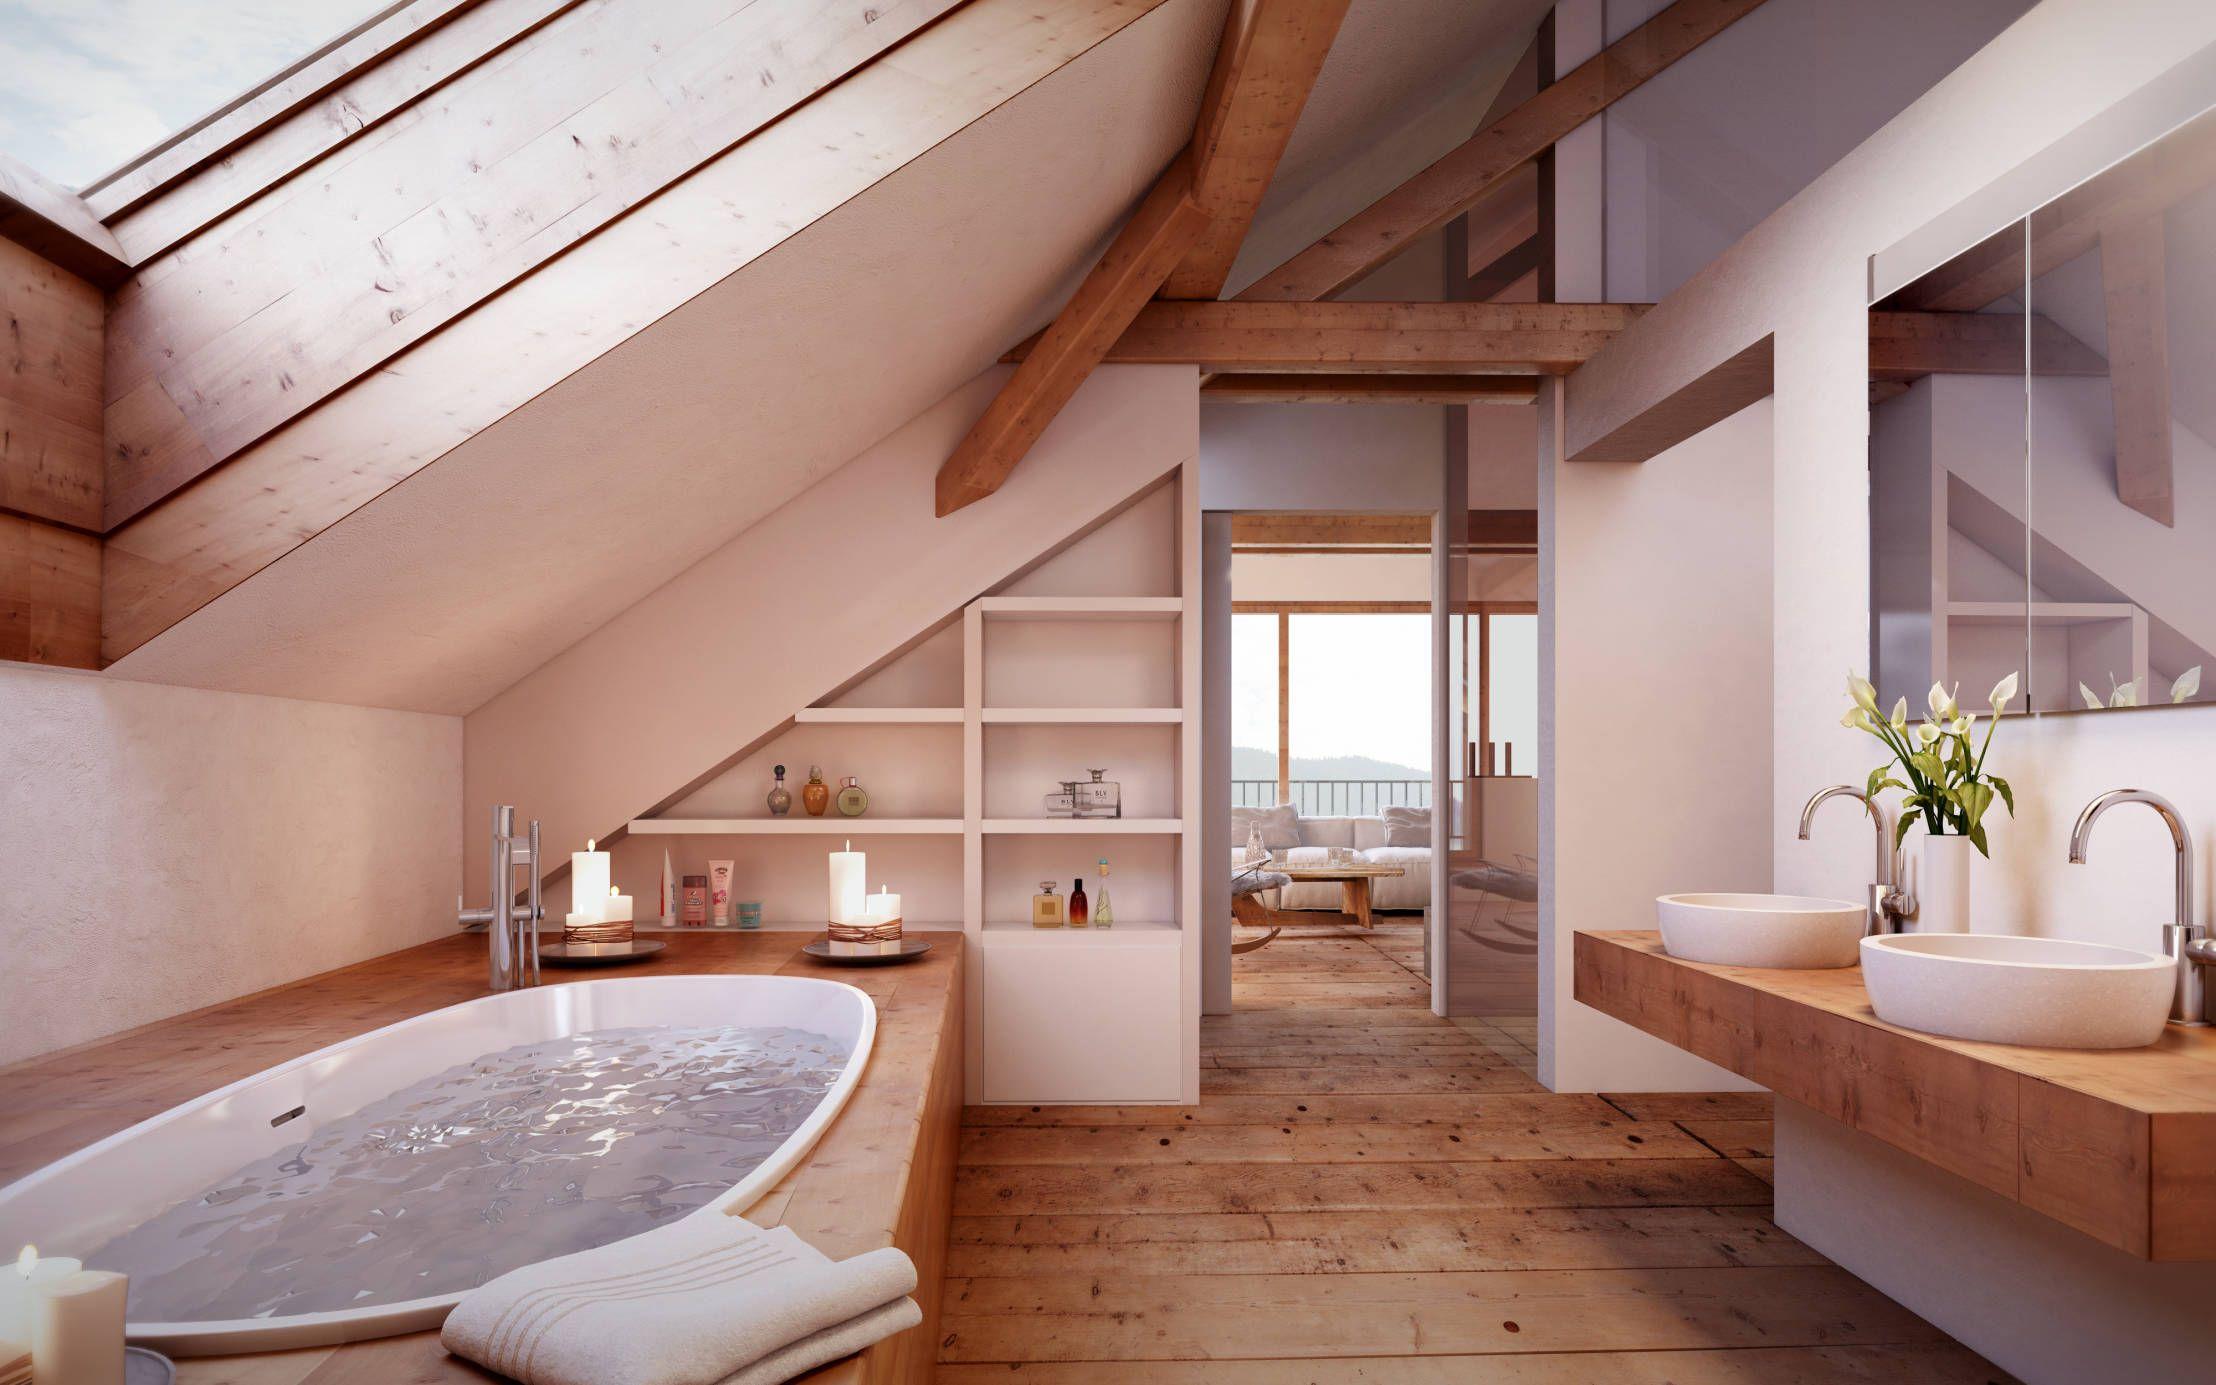 7 traumhafte ideen für eure dachwohnung | dachwohnung, Schlafzimmer entwurf